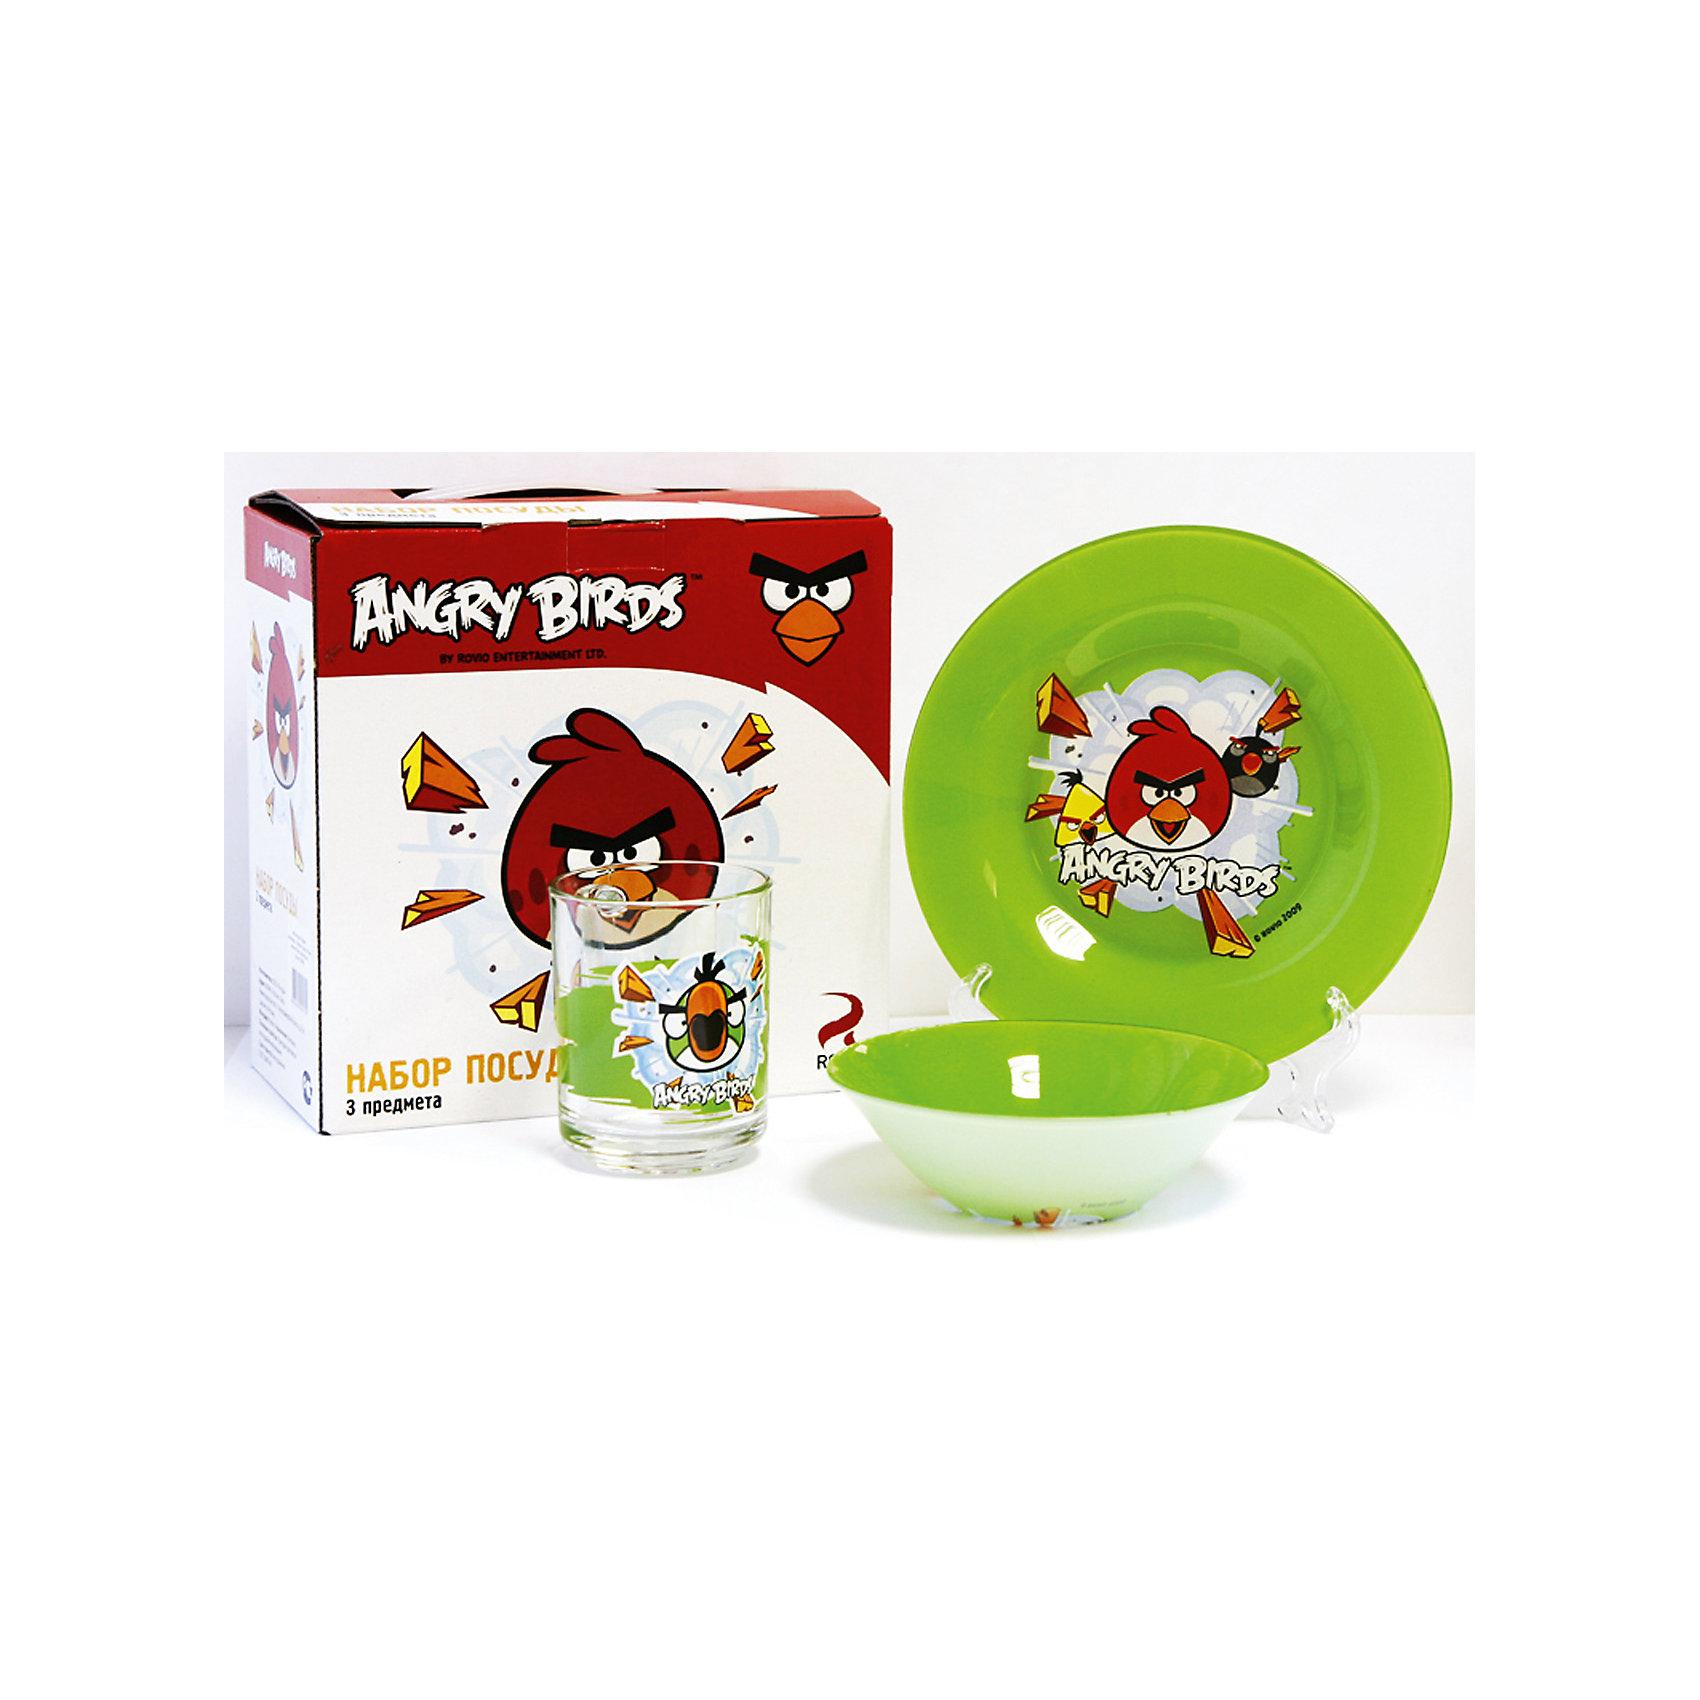 Зеленый набор посуды (3 предмета, стекло), Angry BirdsНабор Энгри Бердз - Зелёный 3 пр.: кружка 250 мл, тарелка 19,5 см, салатник 14 см.<br><br>Ширина мм: 205<br>Глубина мм: 110<br>Высота мм: 205<br>Вес г: 860<br>Возраст от месяцев: 36<br>Возраст до месяцев: 144<br>Пол: Унисекс<br>Возраст: Детский<br>SKU: 4536166